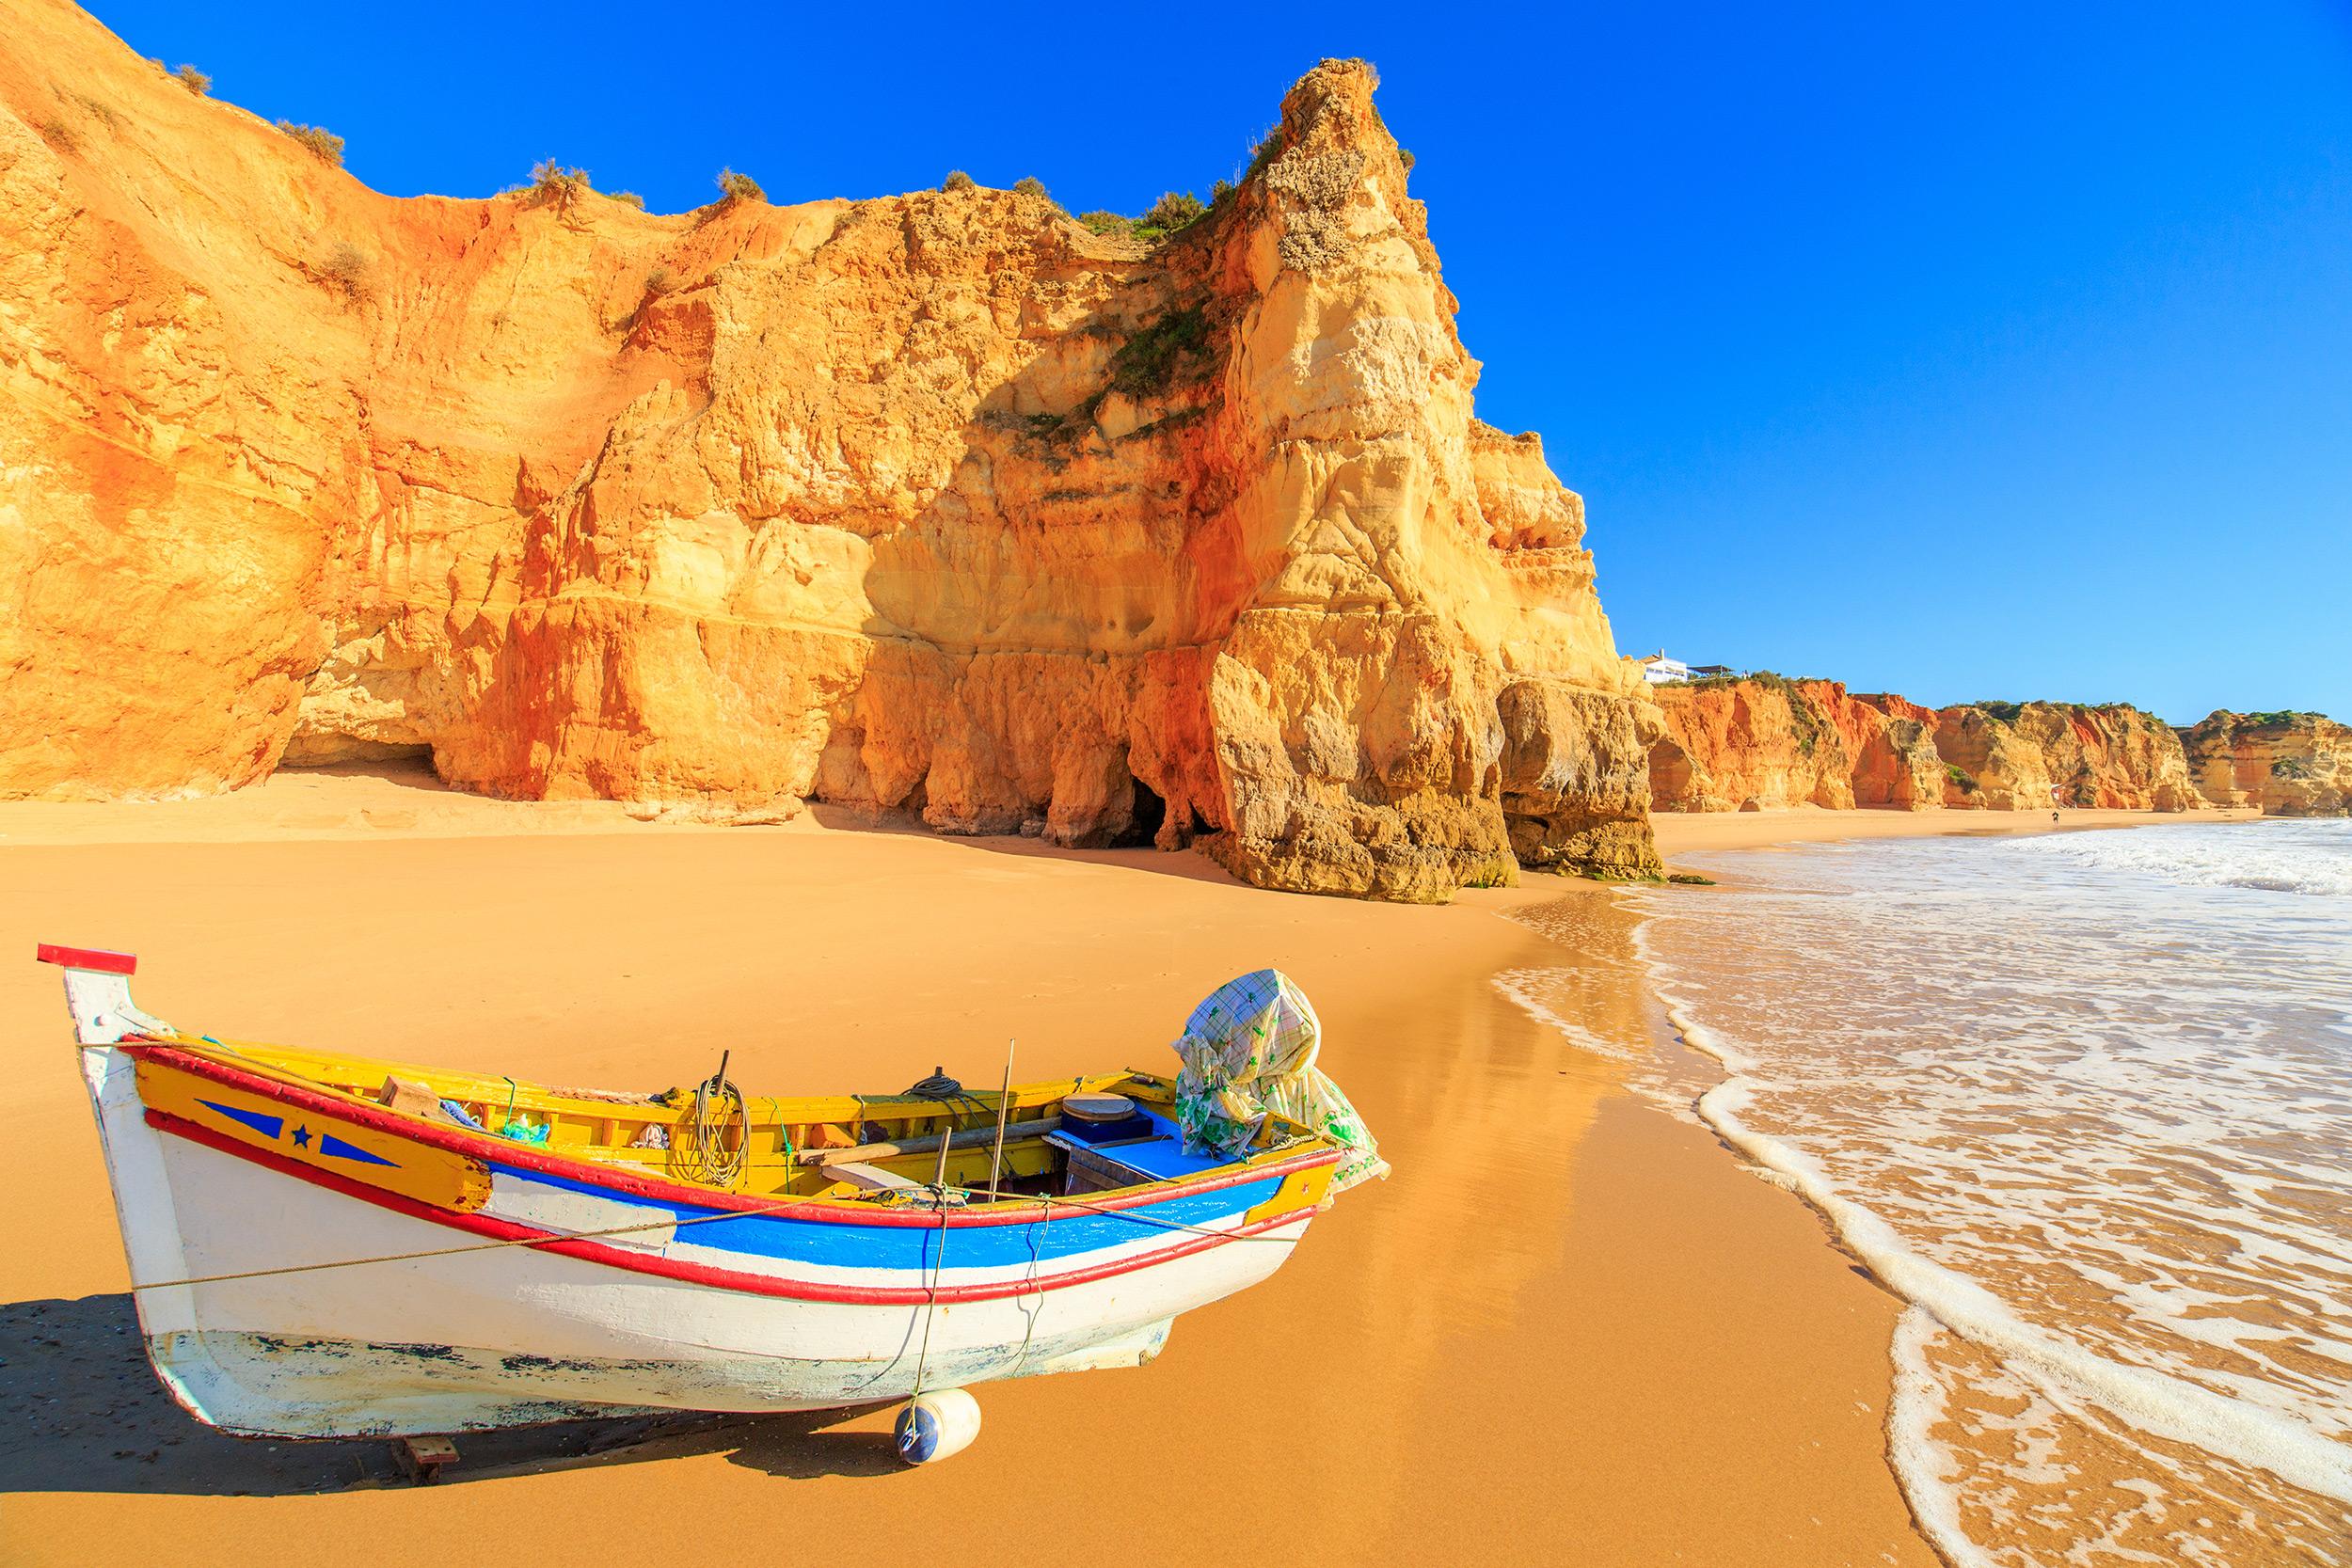 Algarve 6 Tage In Portugal Im Neuen 4 Hotel Flug Mietwagen Nur